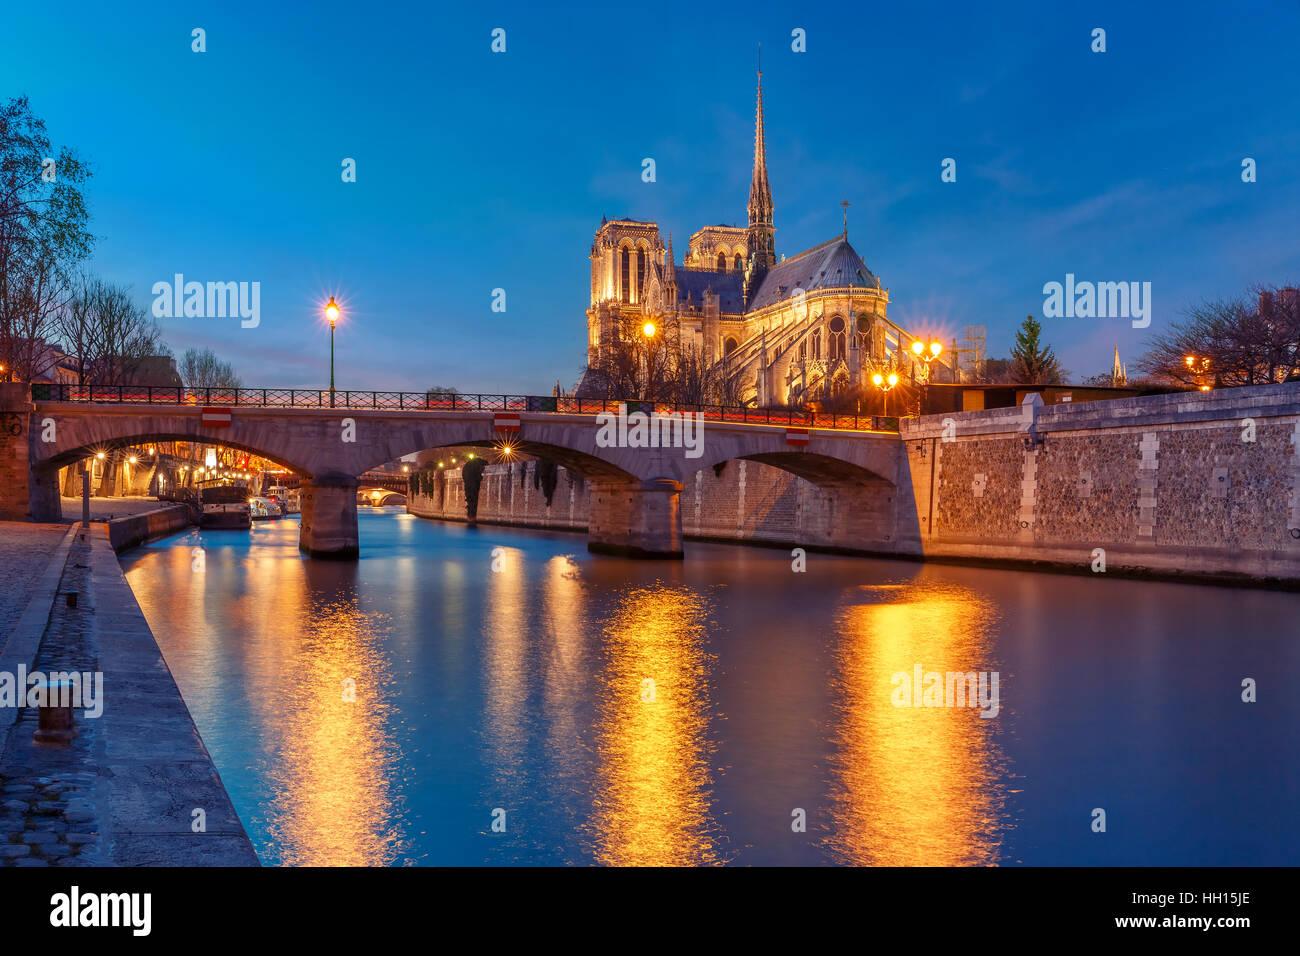 Kathedrale von Notre Dame de Paris bei Nacht, Frankreich Stockfoto